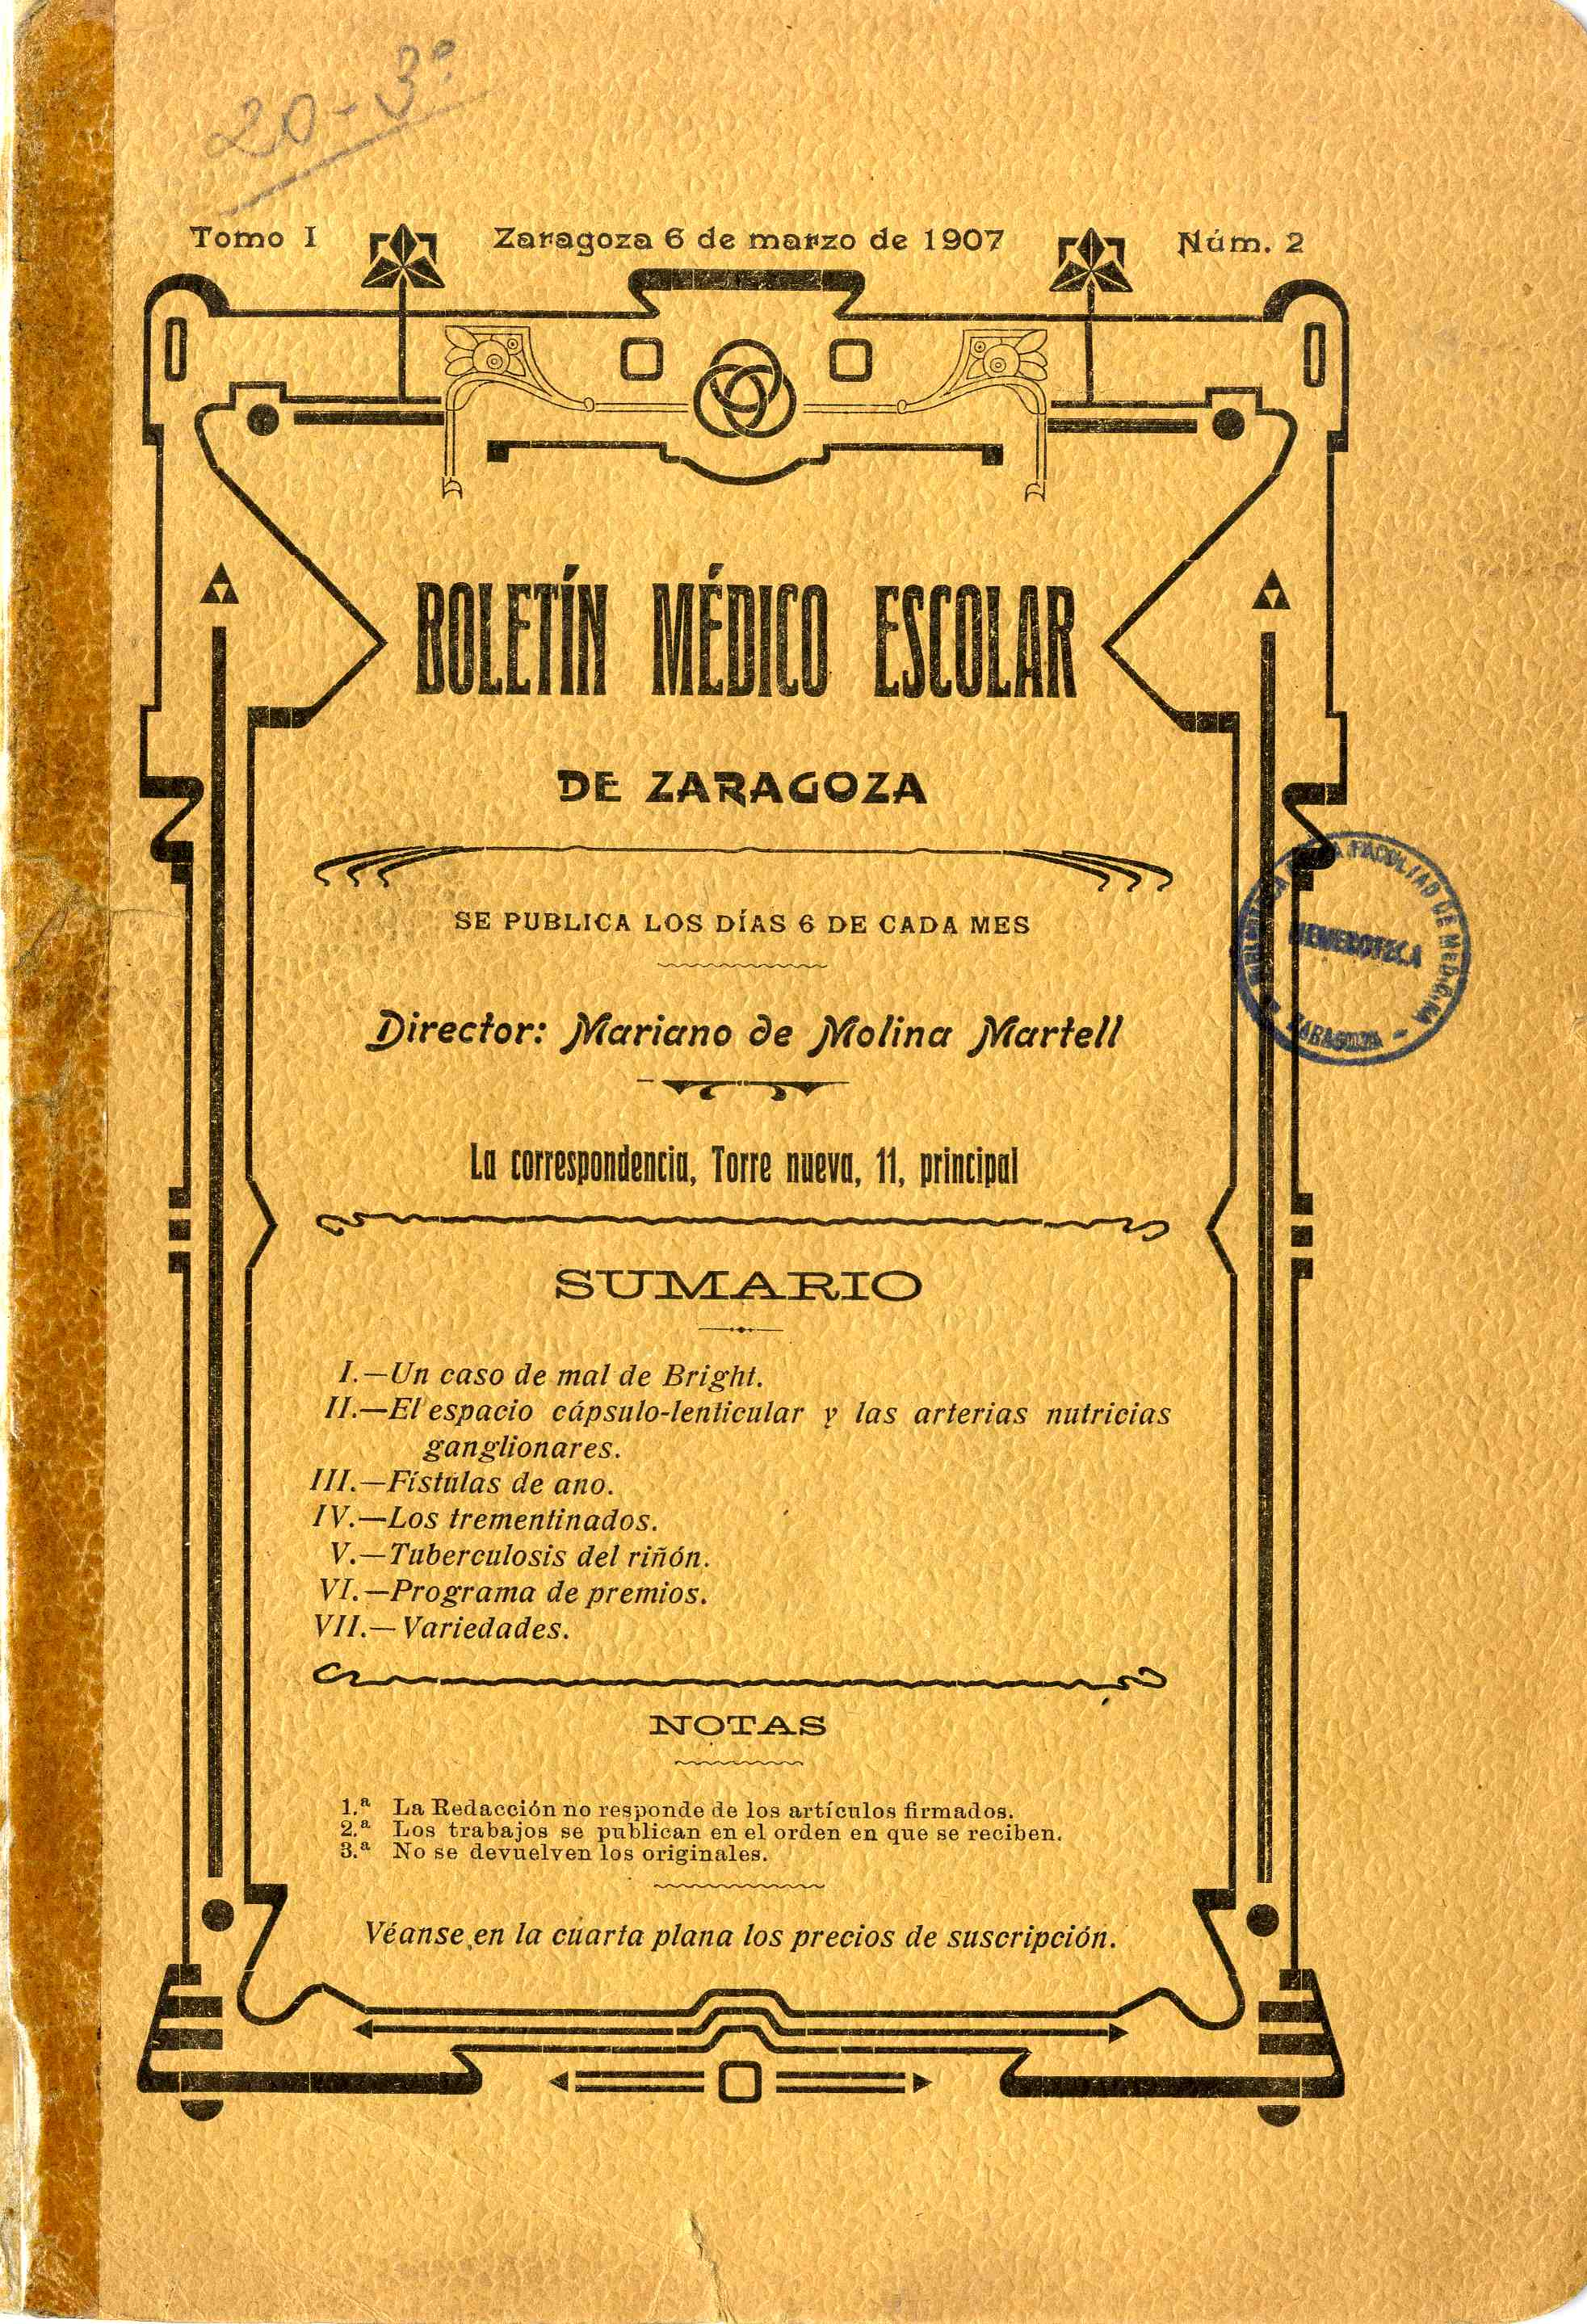 Boletín médico escolar de Zaragoza, (1907) T. 1, n.2-4